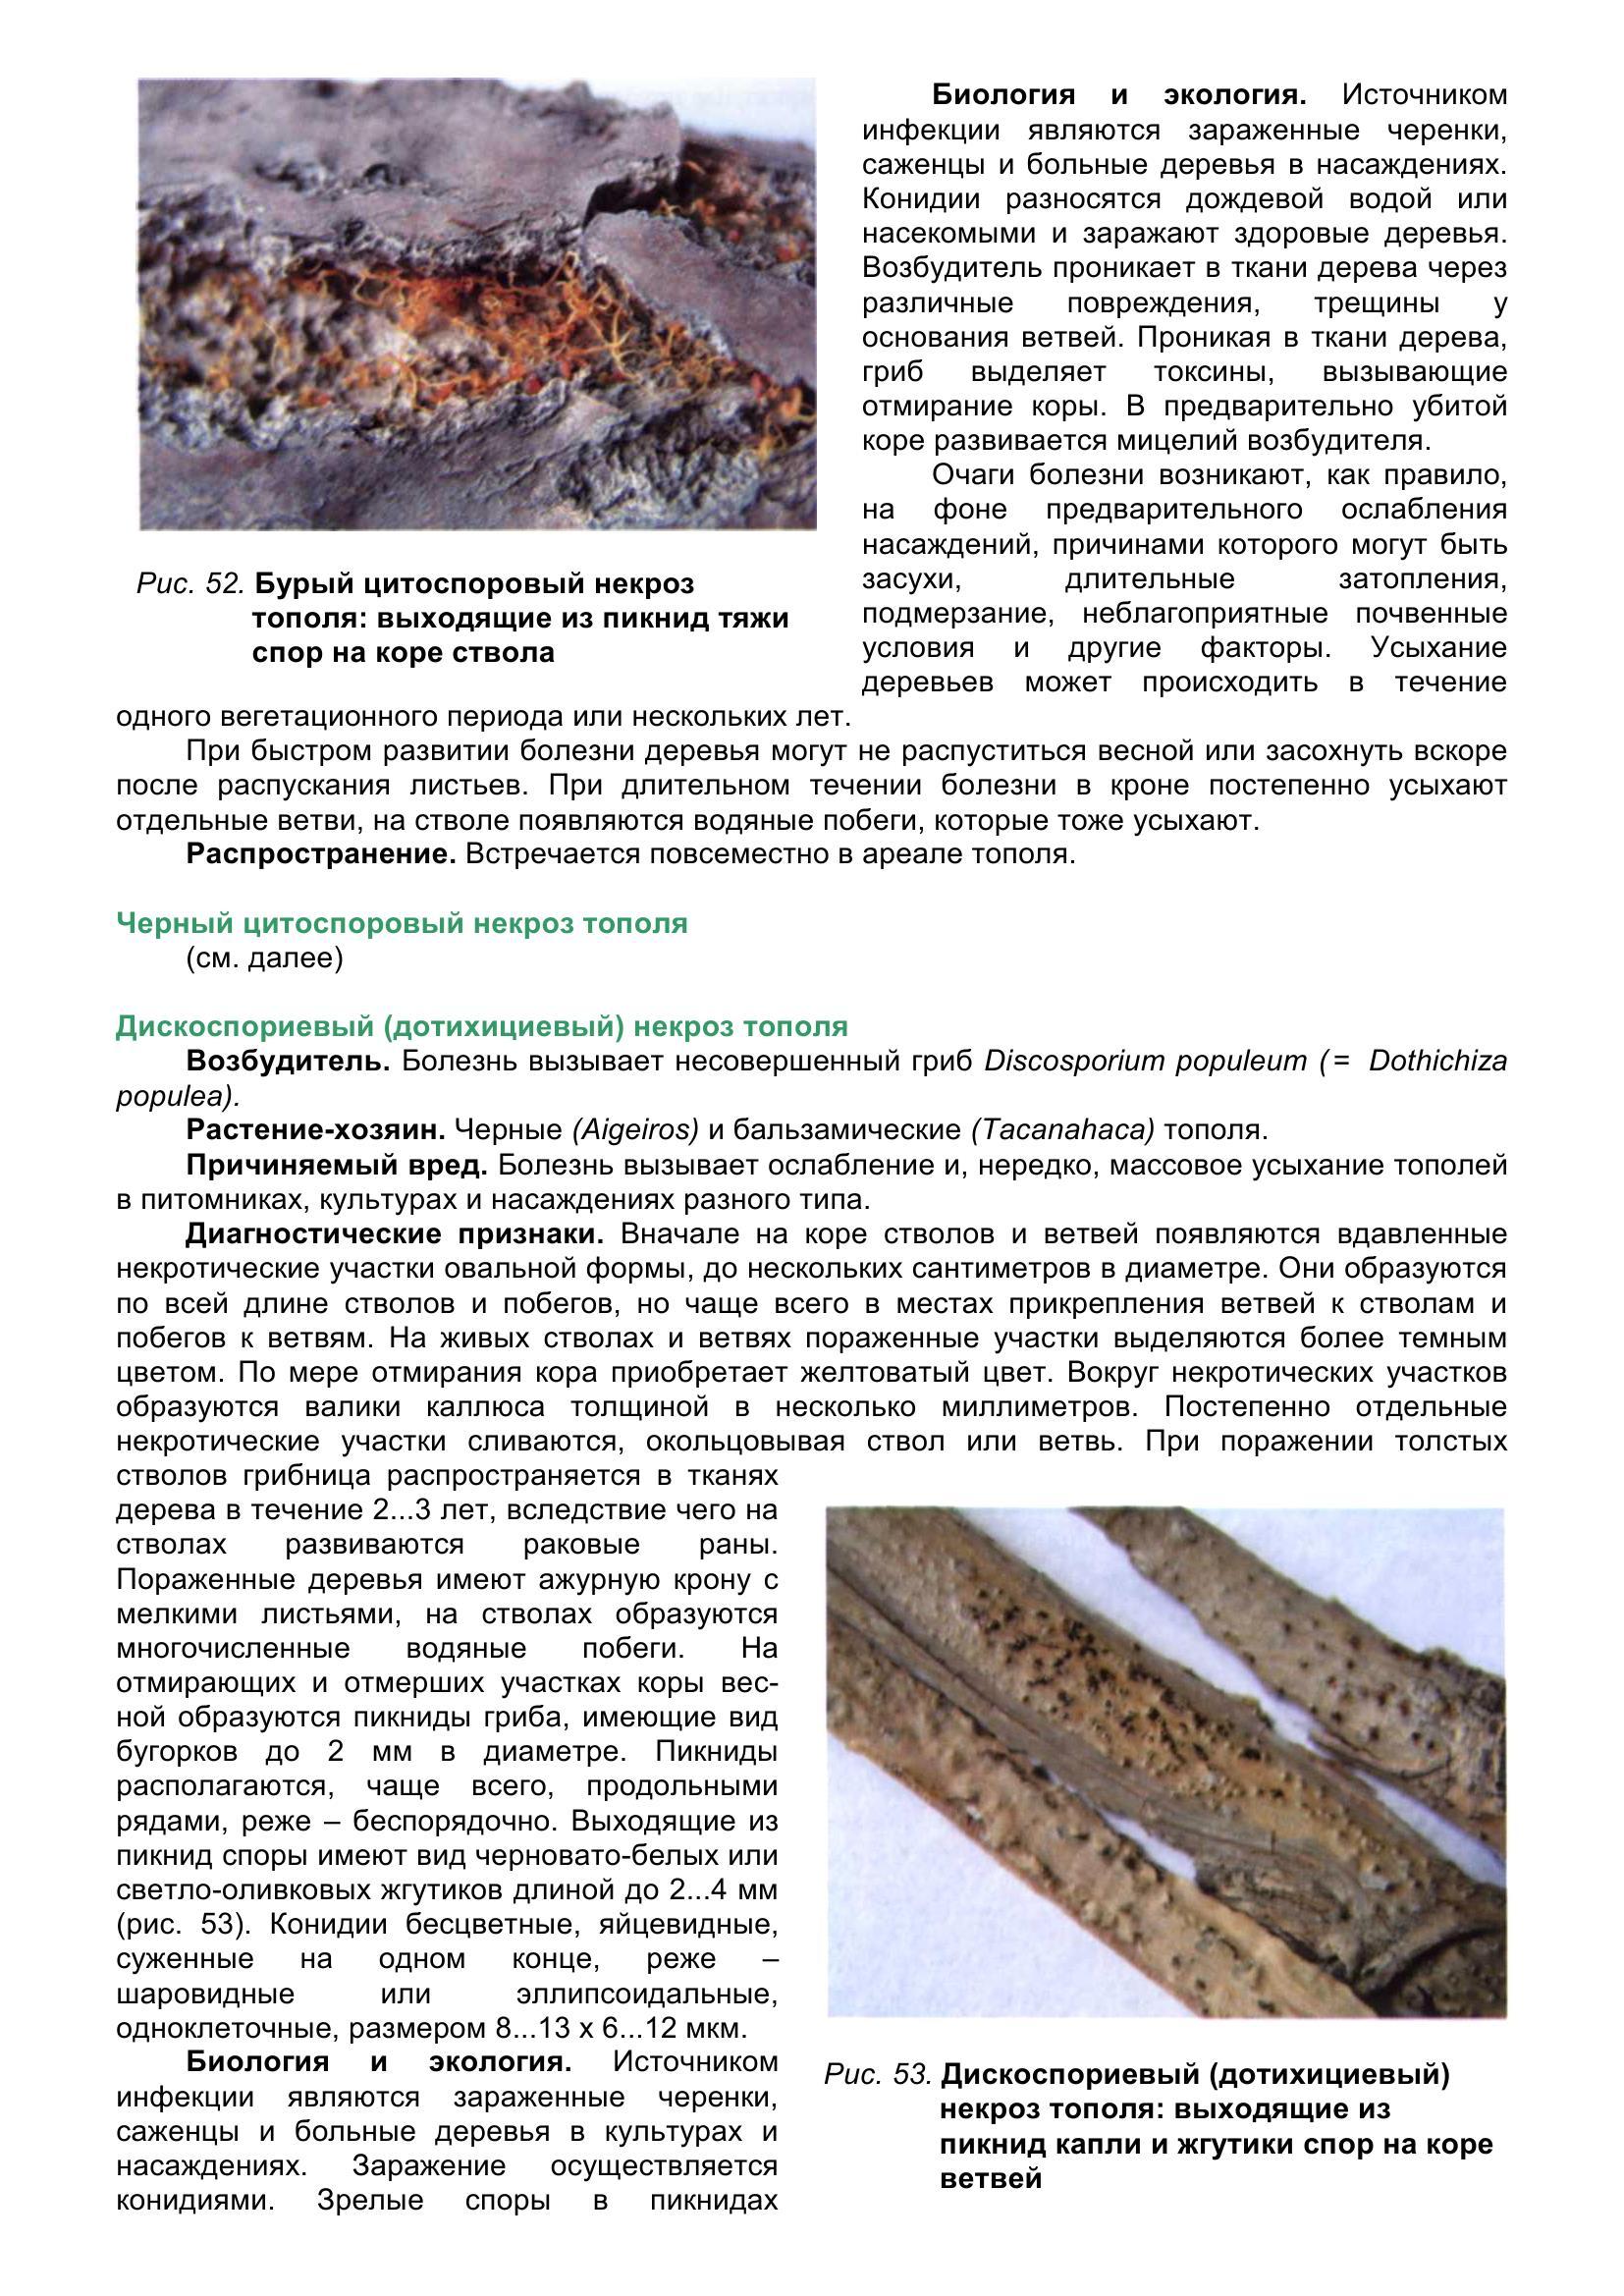 Болезни_древесных_растений_065.jpg